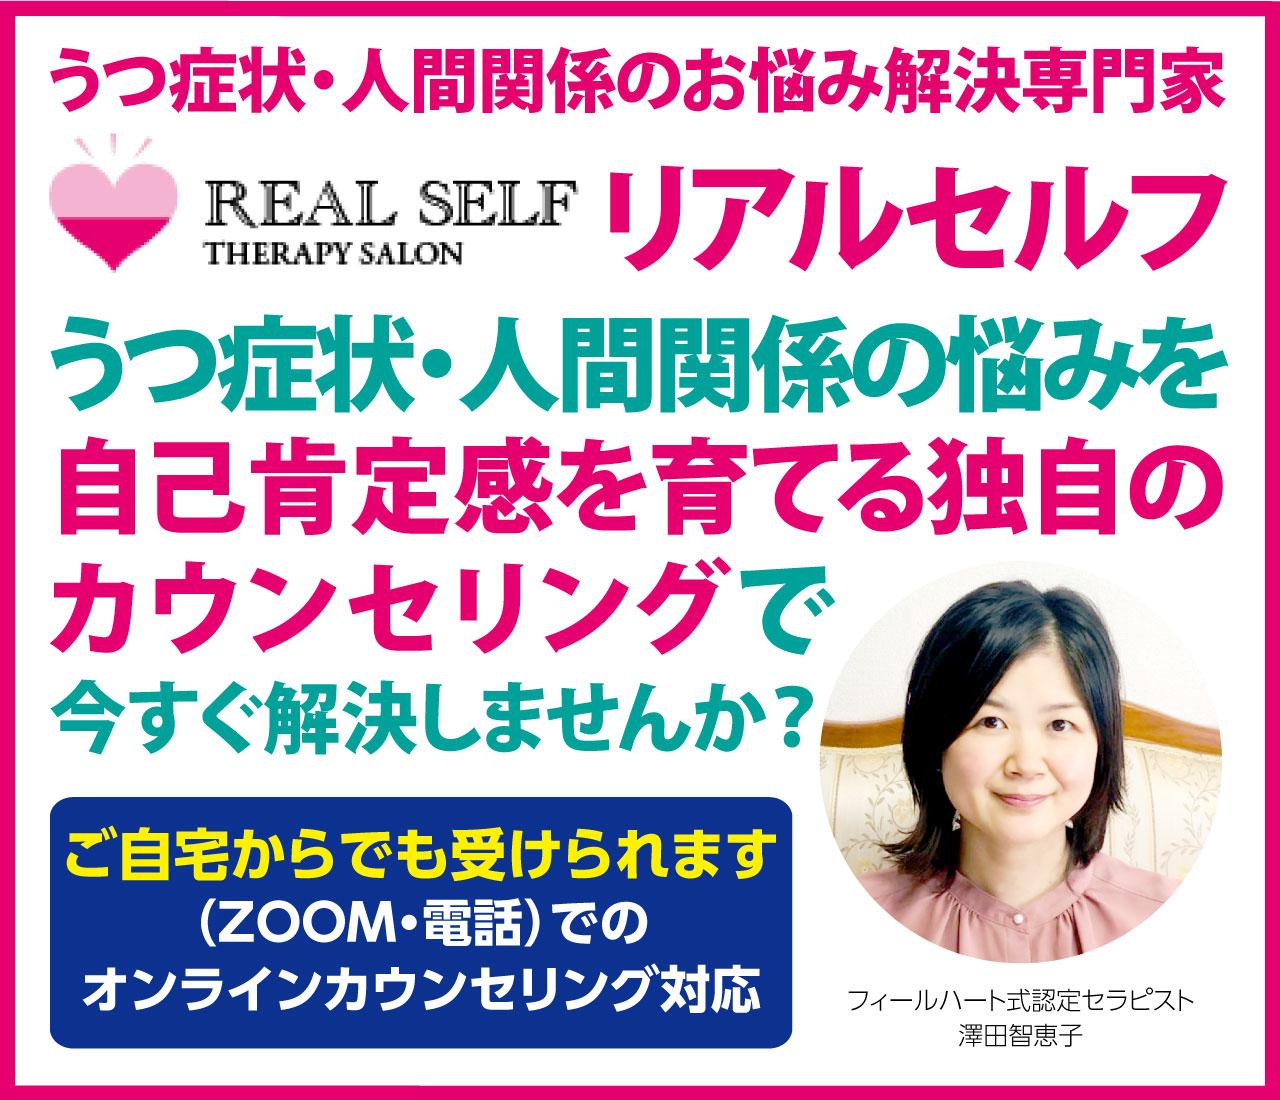 うつ症状・人間関係のお悩み解決専門家「リアルセルフ」うつ症状・人間関係の悩みを自己肯定感を育てる独自のカウンセリングで今すぐ解決しませんか?